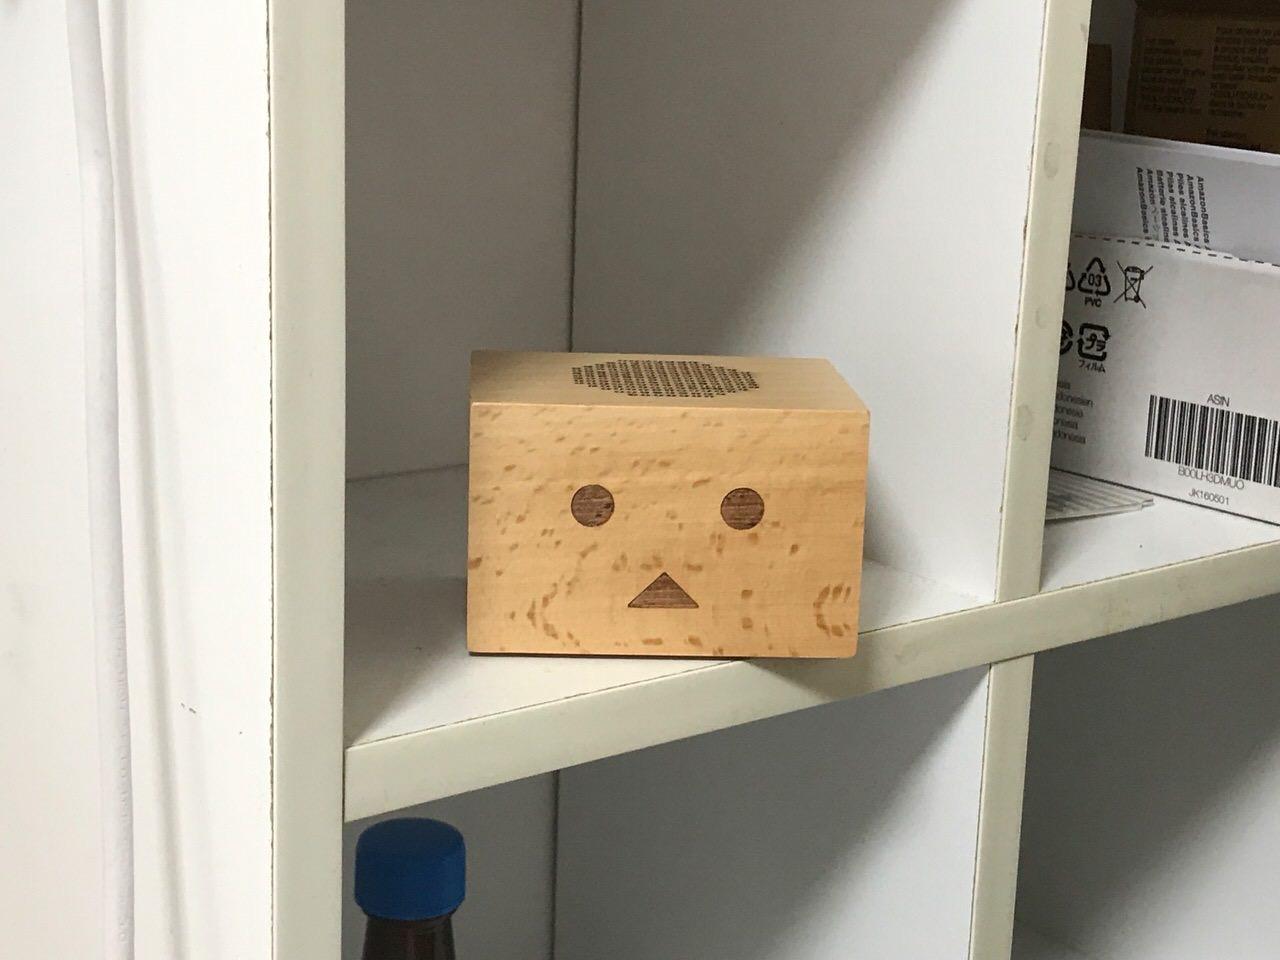 cheero Danboard Wireless Speaker 06